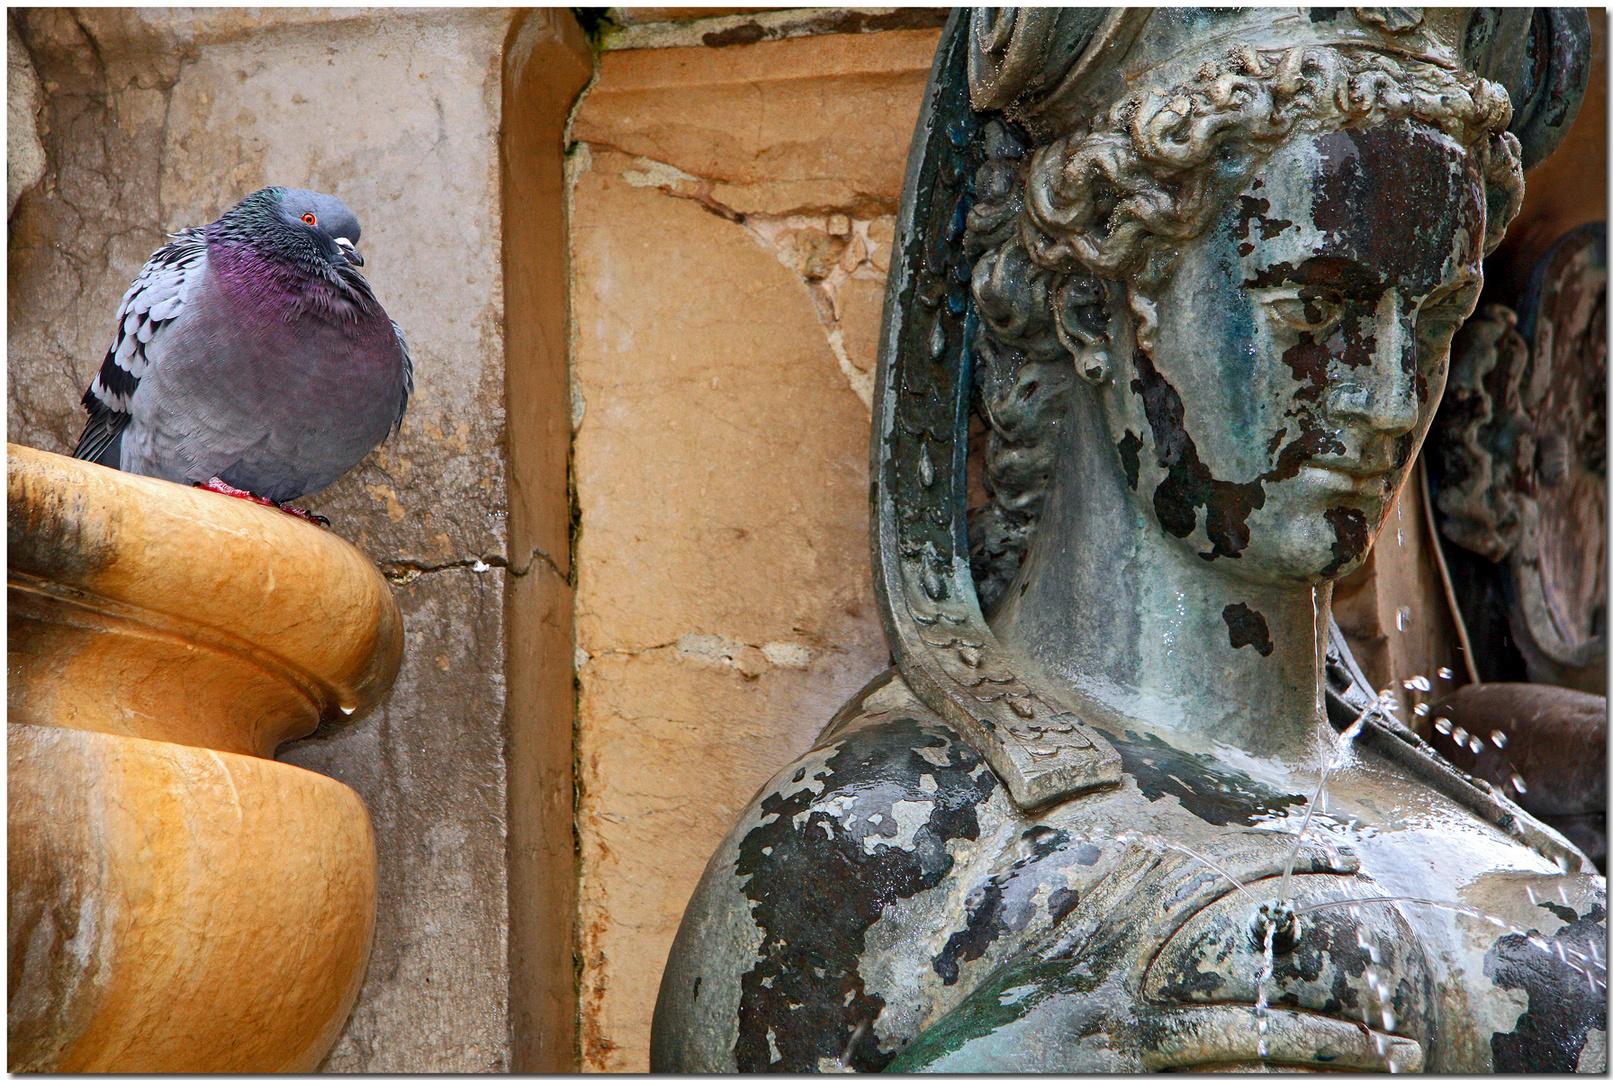 Lo stupefatto sguardo della colomba